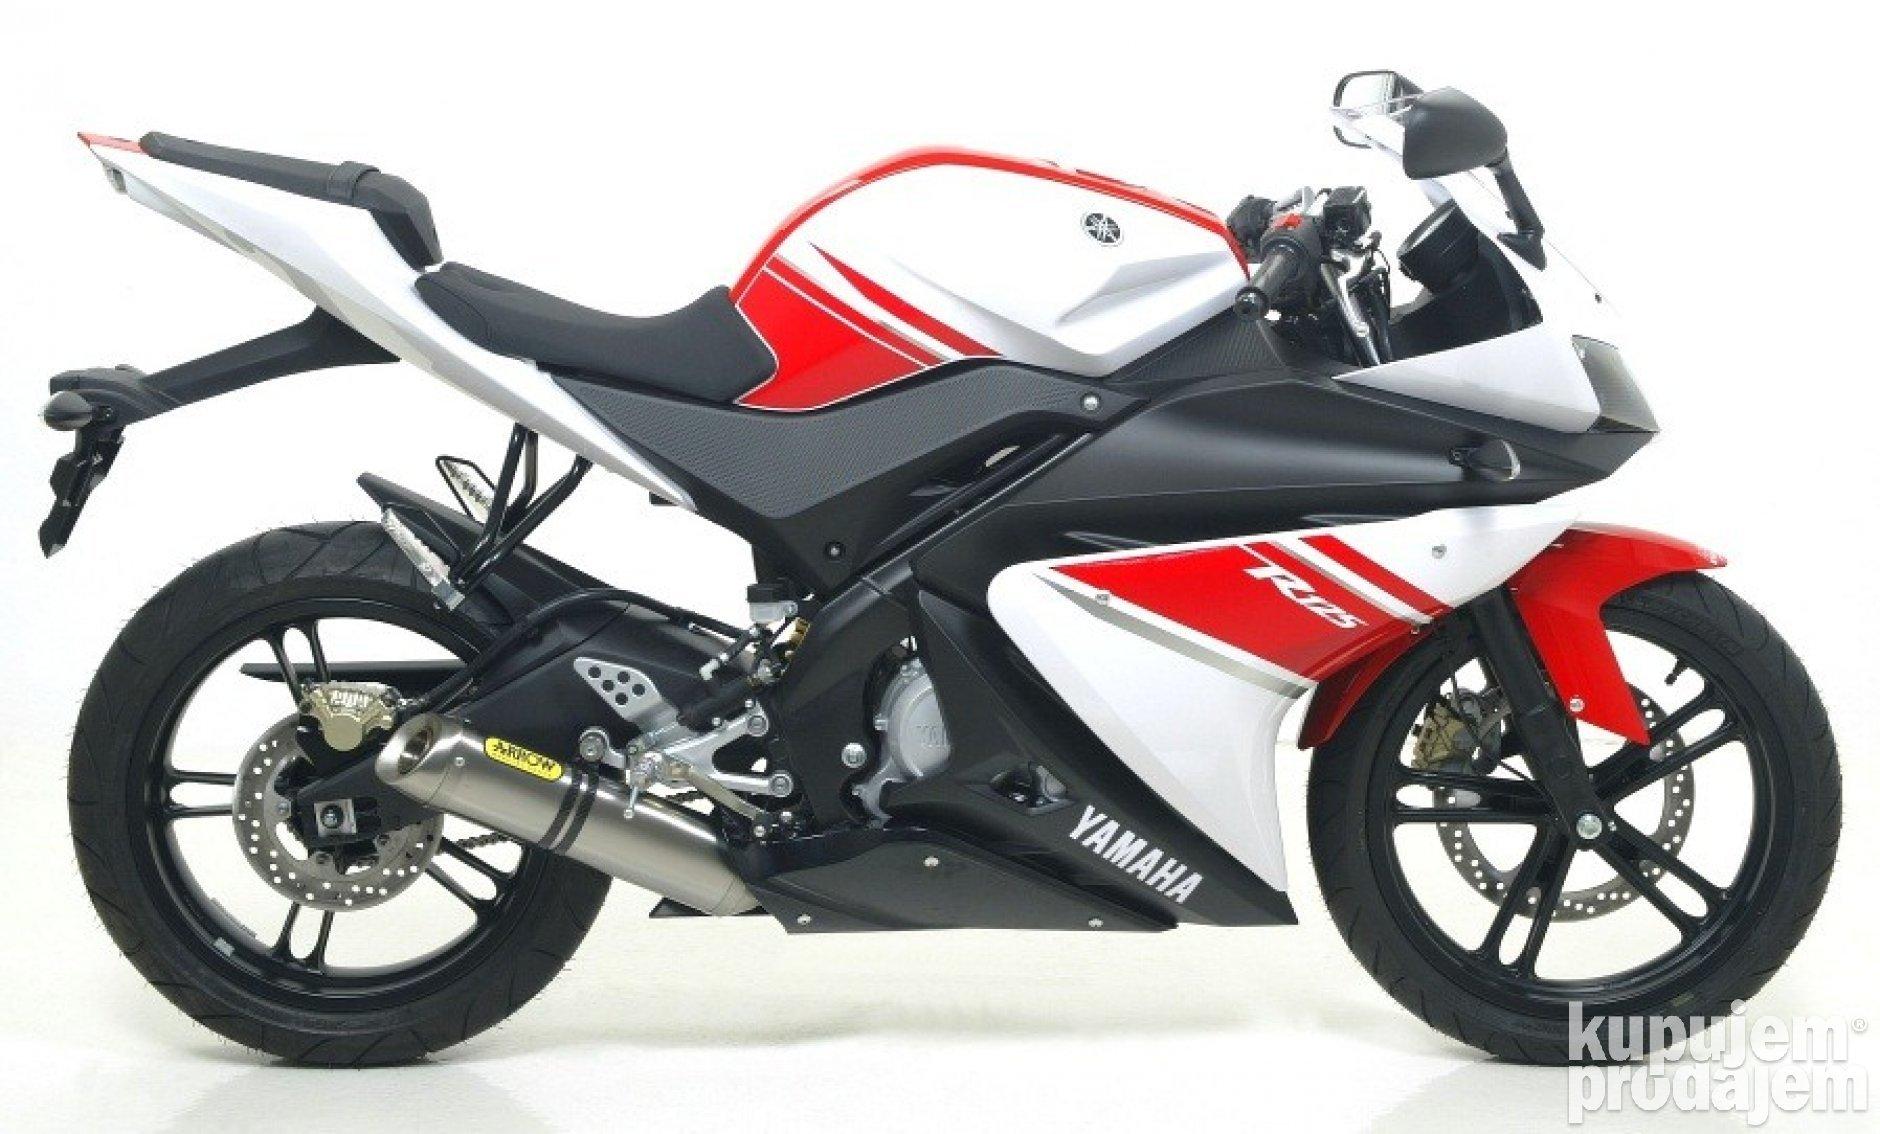 Motocikli Oprema I Delovi Yamaha R 125 2008 God Radilica